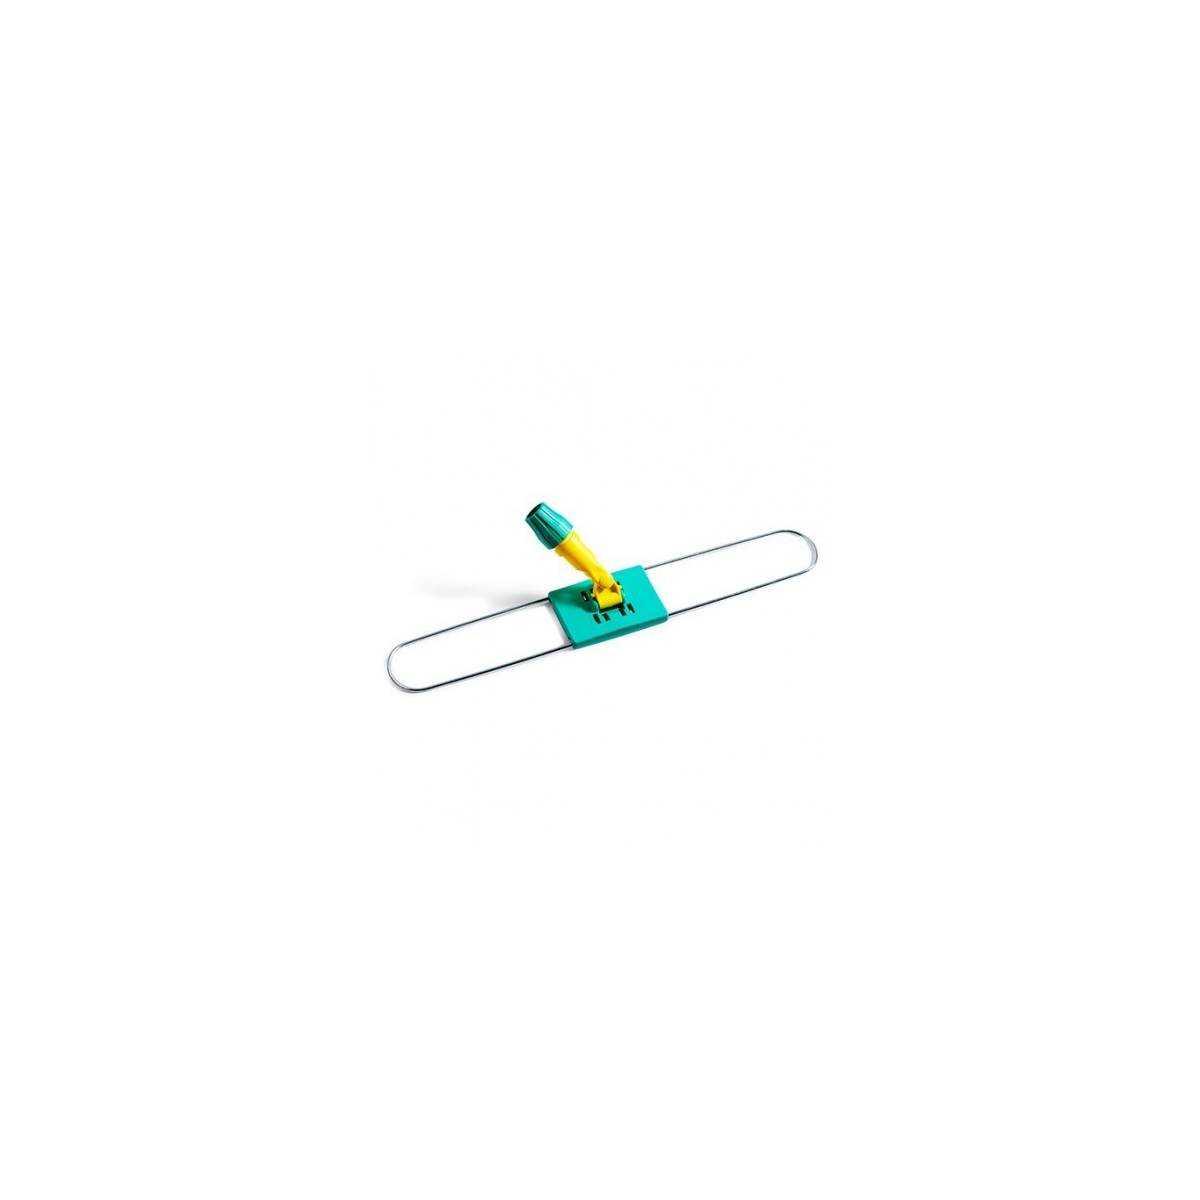 Основа для сухой уборки 80см (0803) 803 TTS